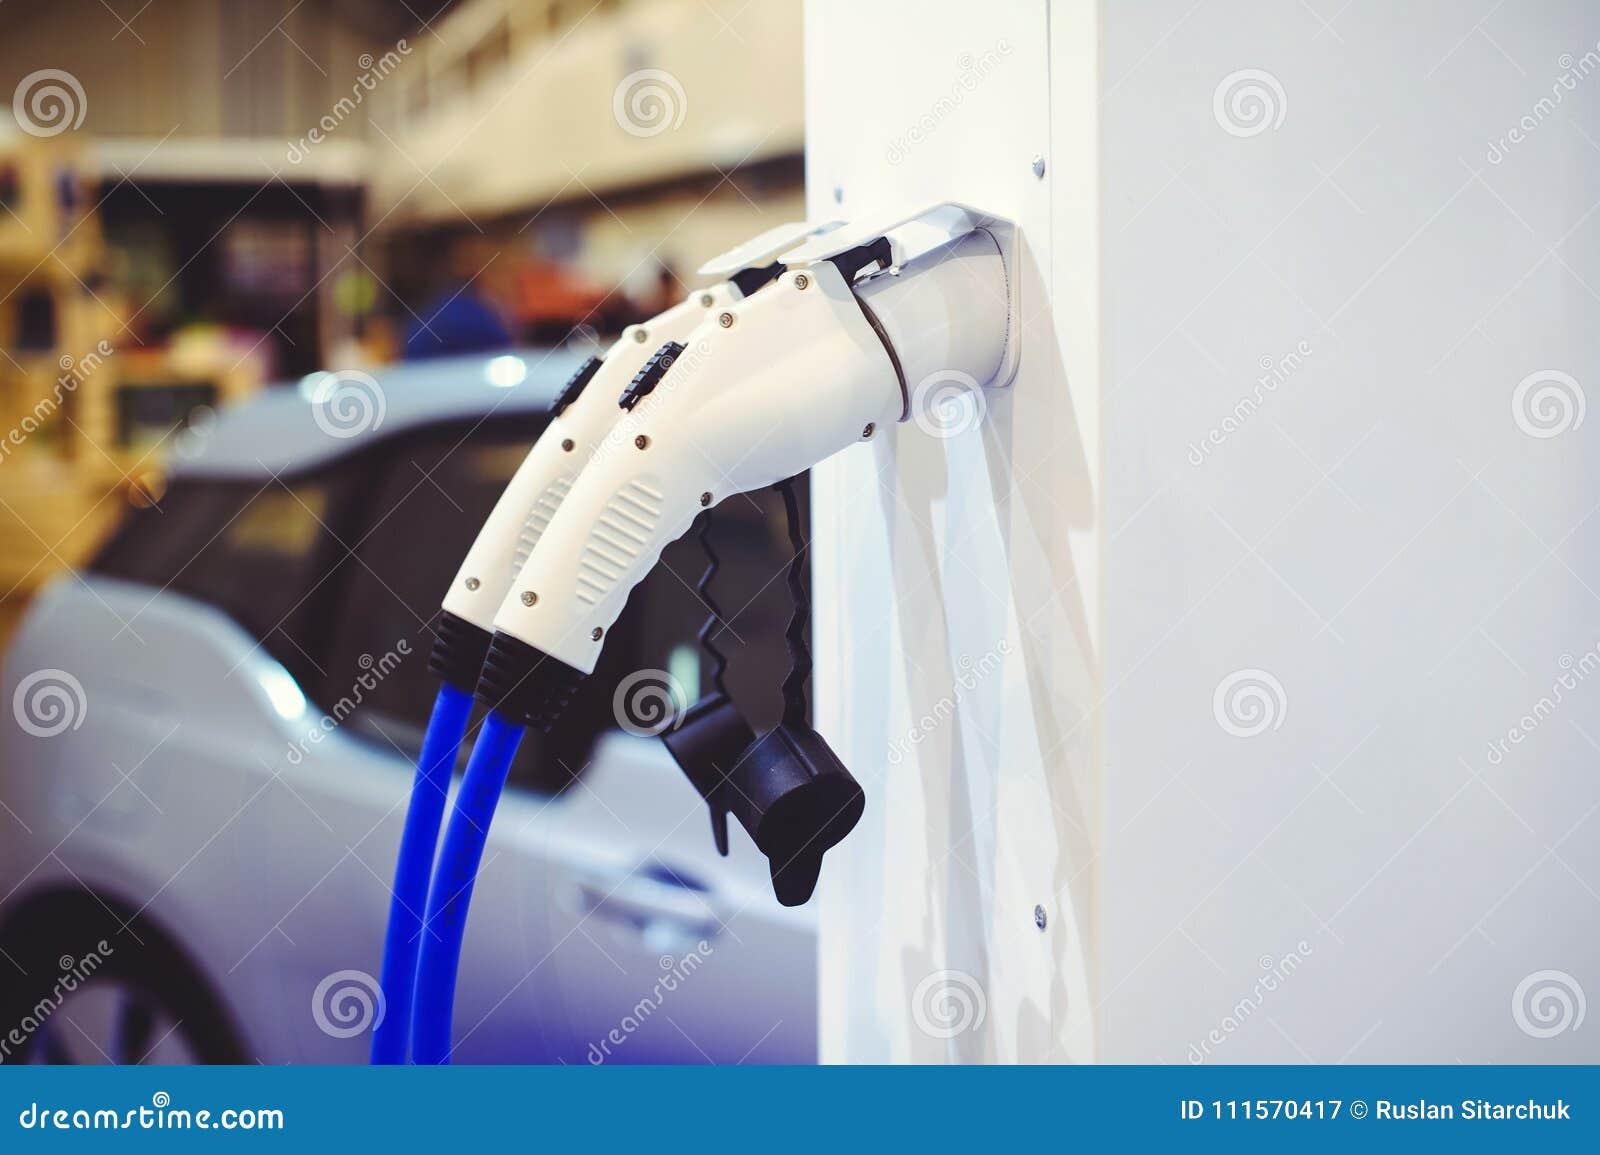 Detalles de la carga del vehículo eléctrico Verde y fuentes de energía renovable